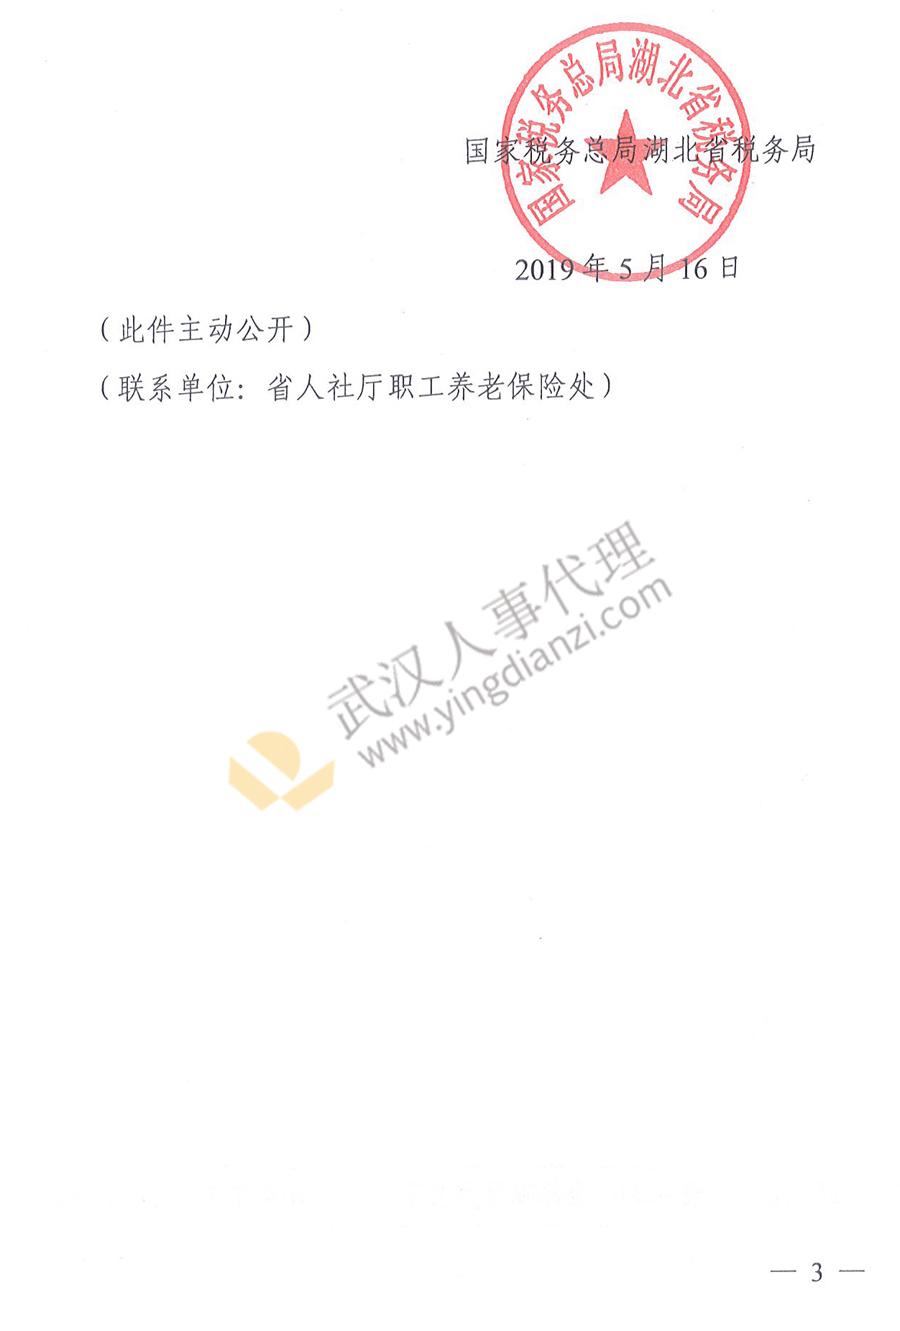 2019年7月~2020年6月武汉社保缴费基数调整,最低缴费标准为1351.09元,7月1日起实施